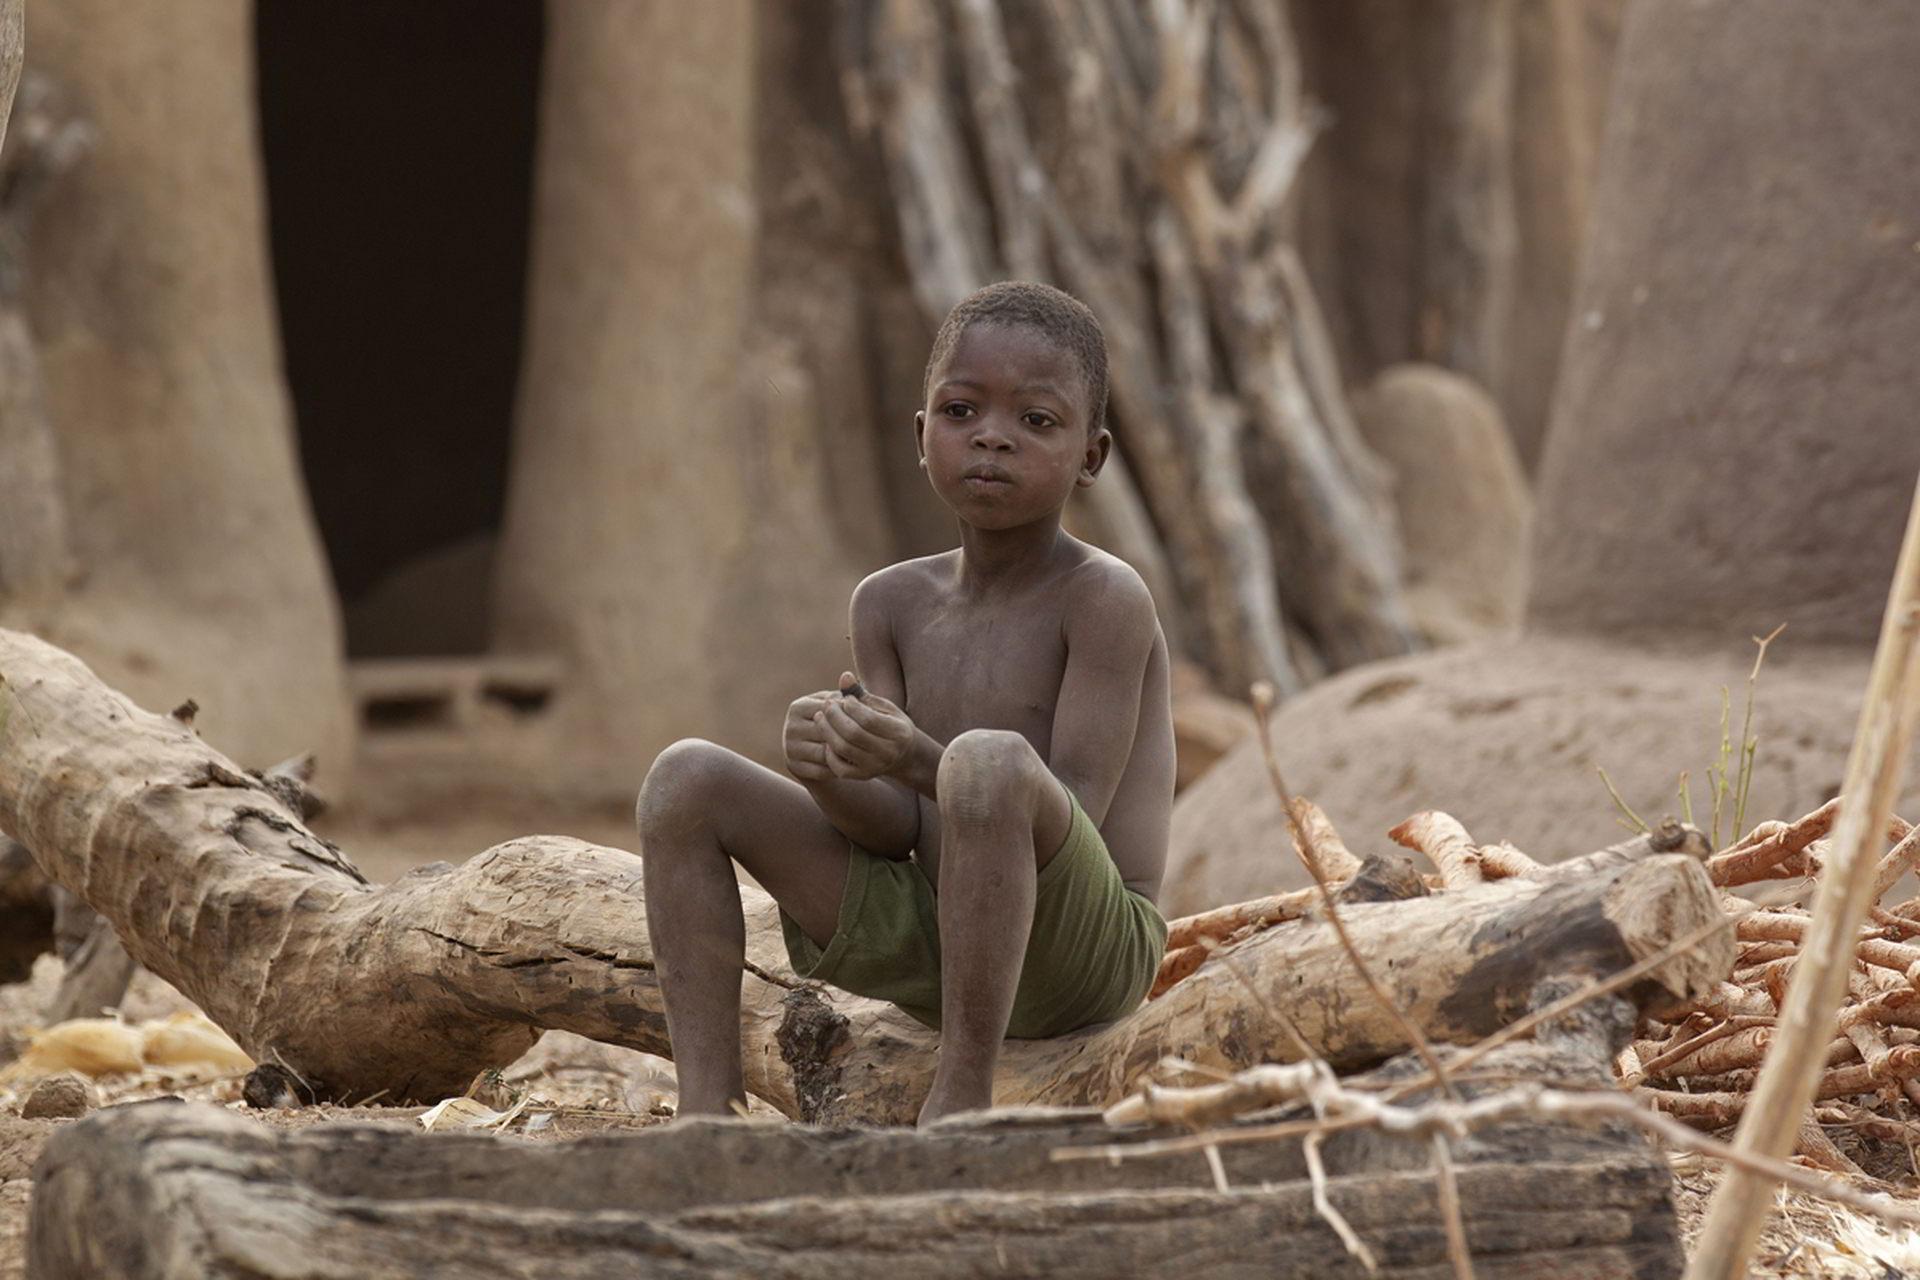 Togo2012 - Togo_2012_105.jpg